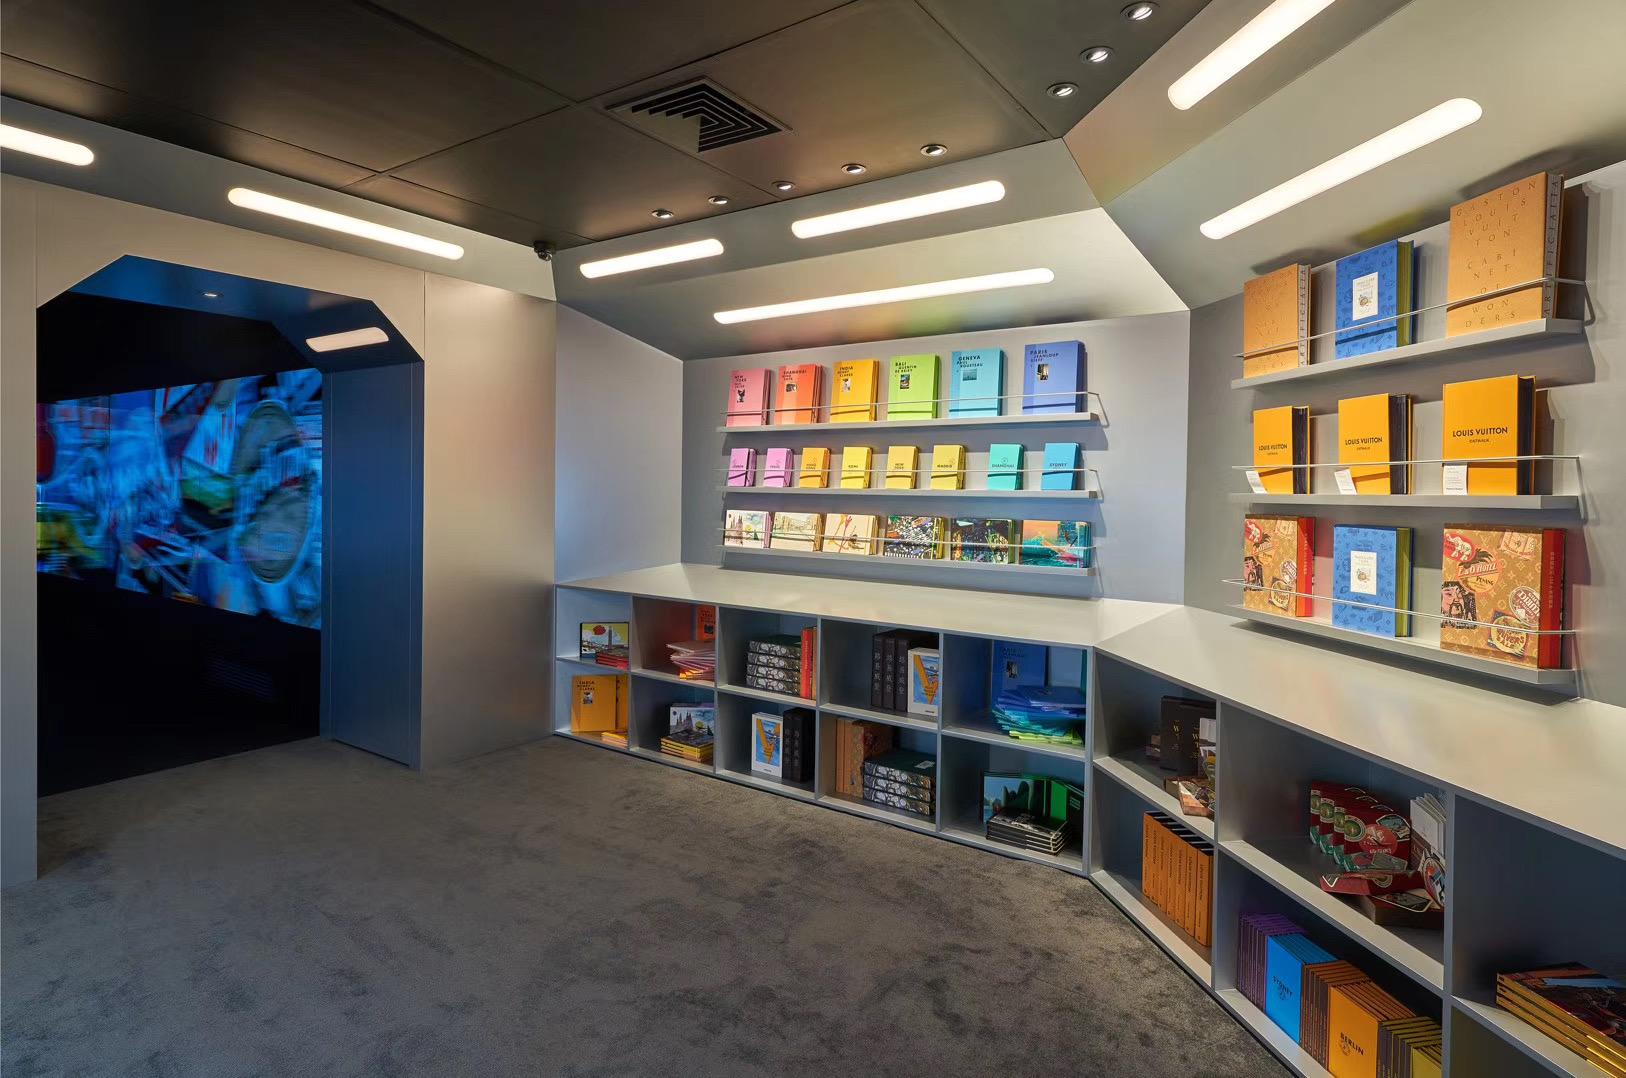 Louis Vuitton Time Capsule Exhibition June 6th – Jul 14th Chengdu – 2